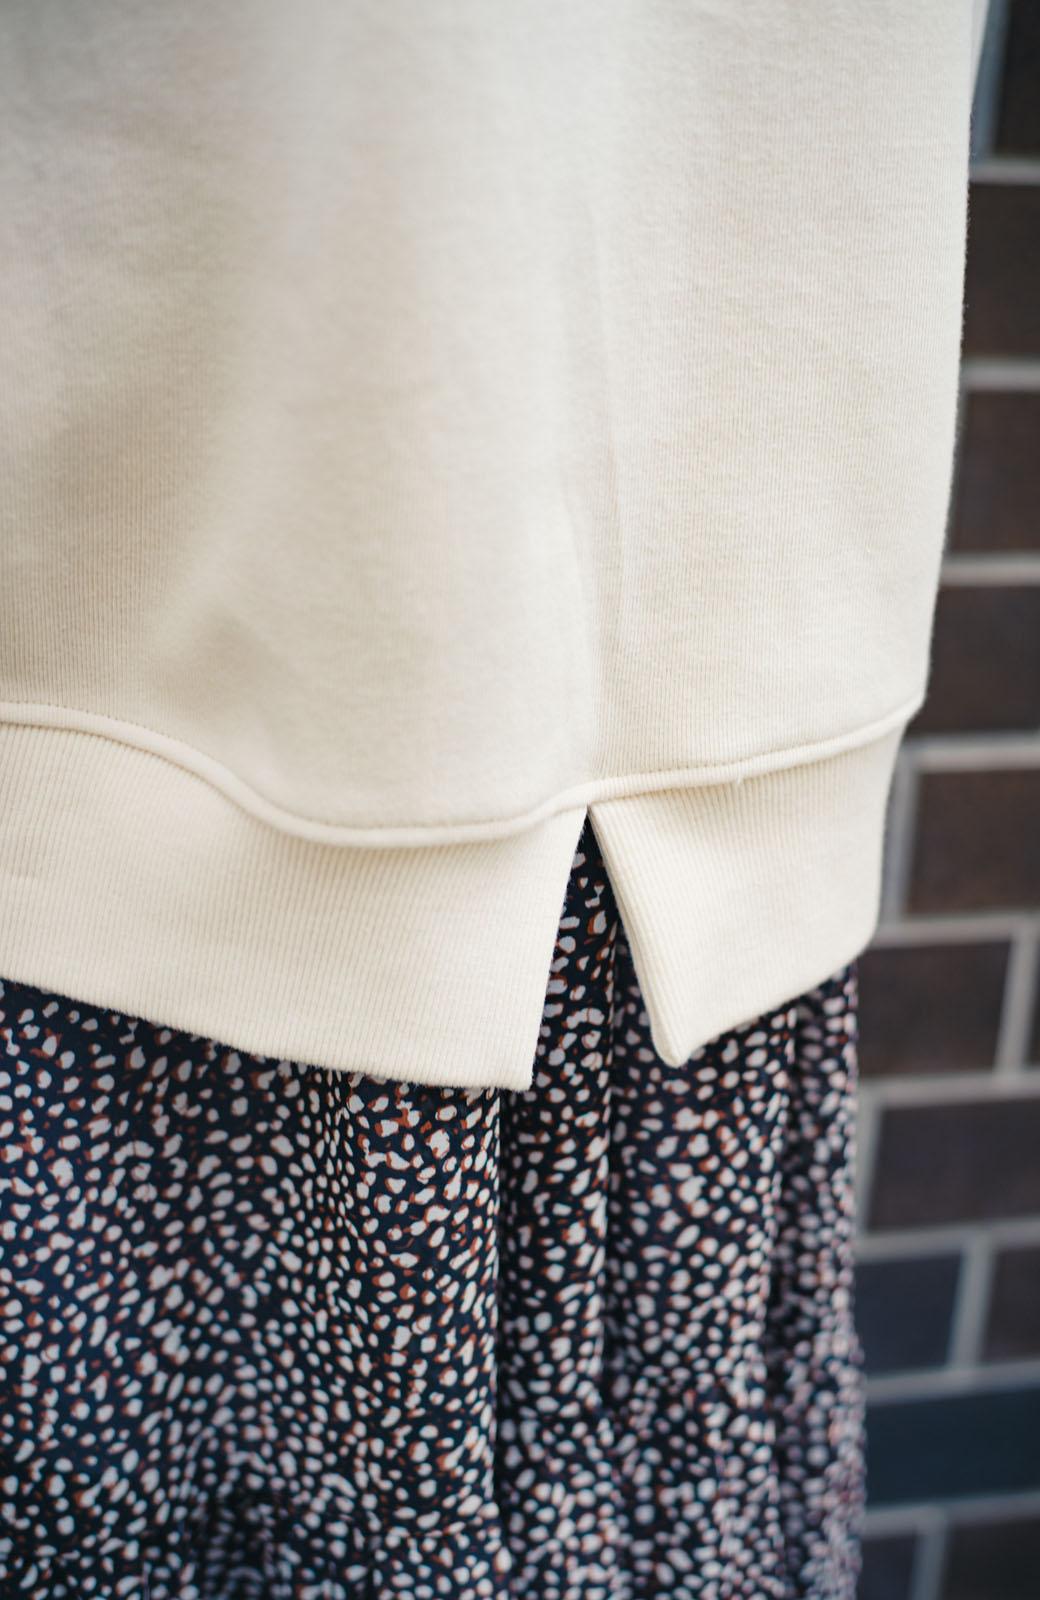 haco! haco! × RBTXCO何色がお好き?プードルちゃんのぷくぷく刺繍ワッペン付きスウェットプルオーバー <オフホワイト>の商品写真12